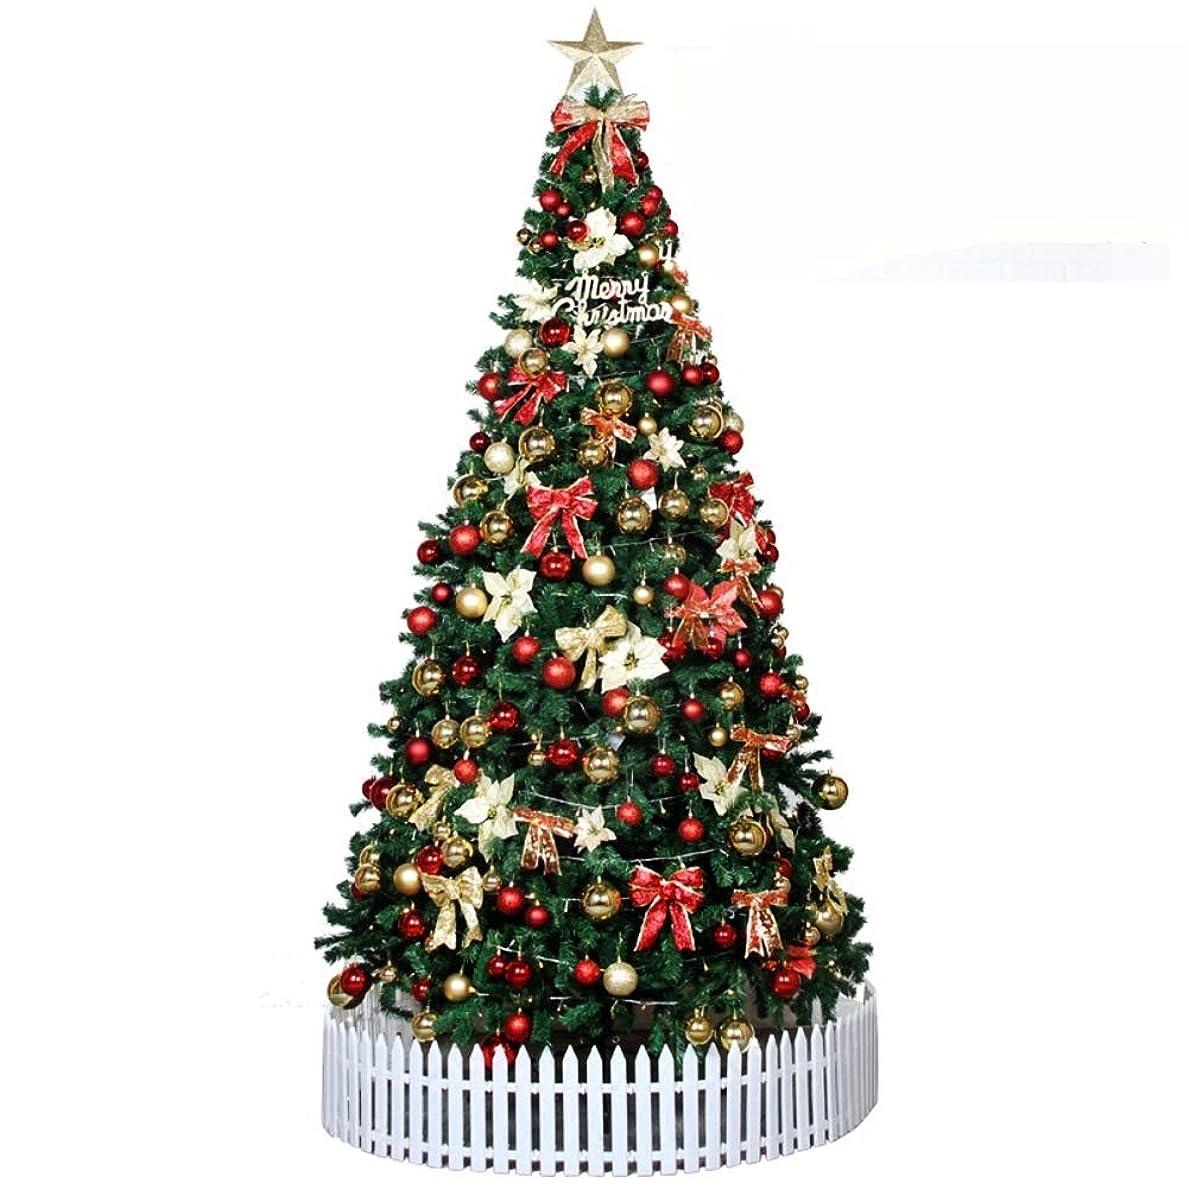 不道徳集団バッテリーDULPLAY クリスマス装飾クリスマス ツリー 3 m 3.5 m 4.5 メートル m ハードカバー パッケージ フェスティブ ホテル ショッピング シーン装飾小道具-B 350cm(138inch)